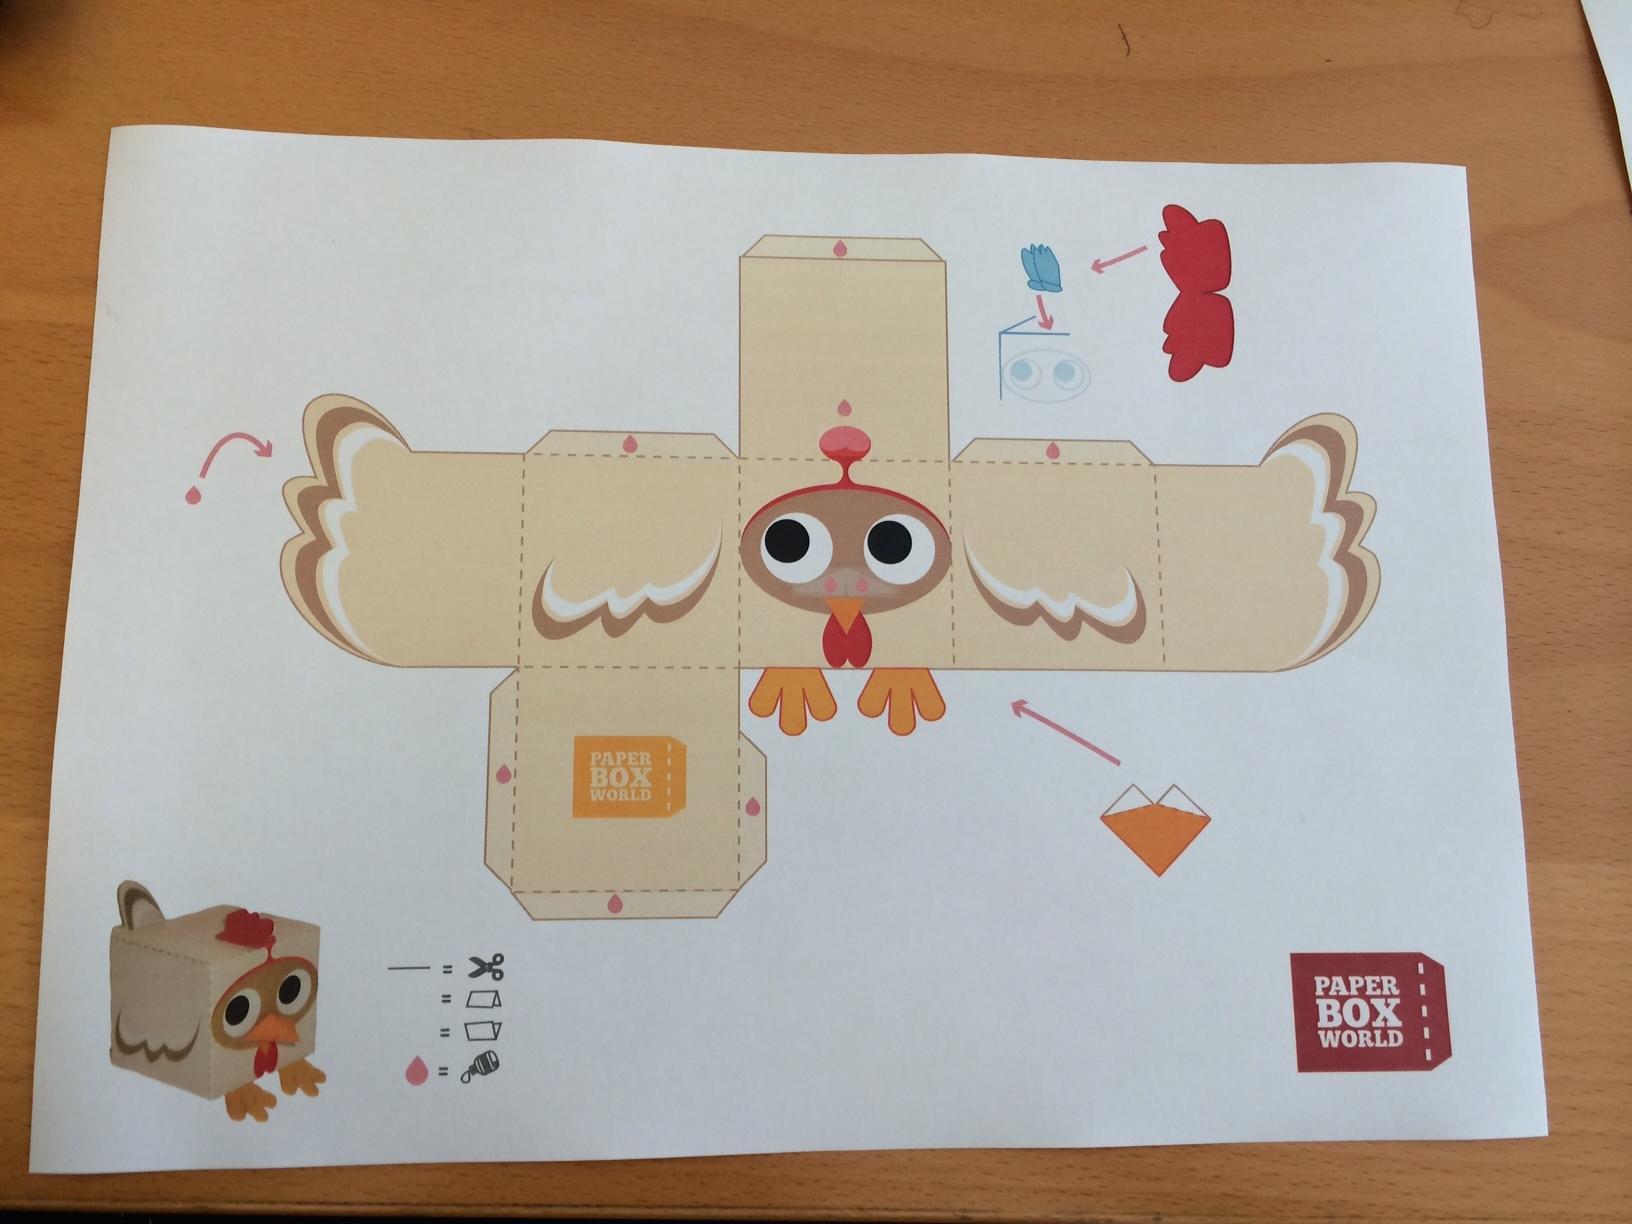 Fabrique Ta Poule De Pâques En Papertoy - La Poule | La Poule avec Paper Toy A Imprimer